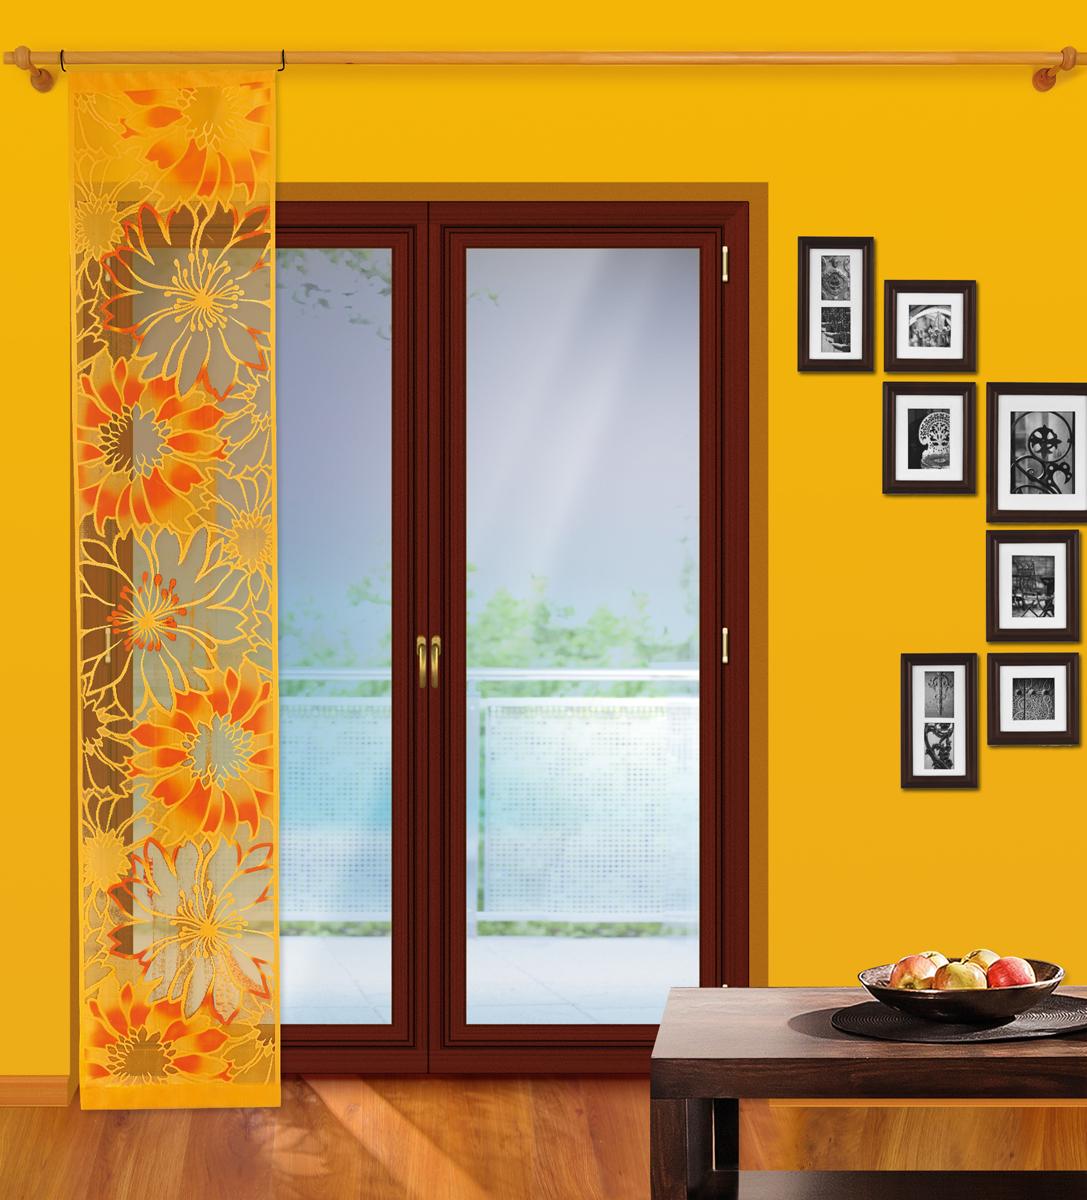 Гардина-панно Wisan, на штанге, цвет: оранжевый, ширина 50 см, высота 250 см комплект штор wisan цвет бежевый высота 250 см 550w